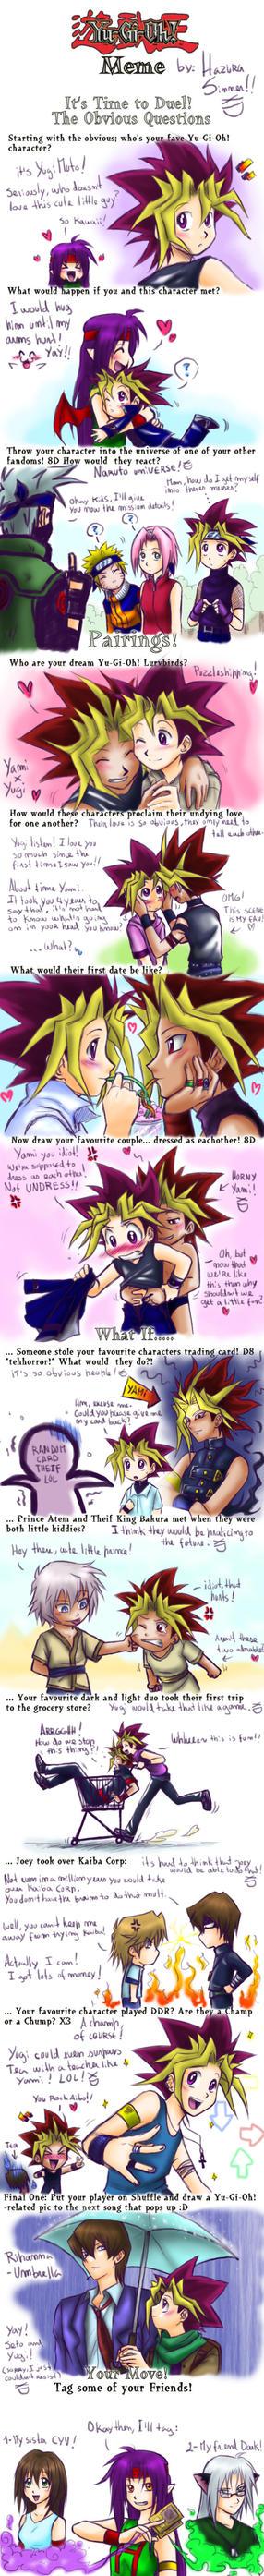 YGO Meme by HazuraSinner